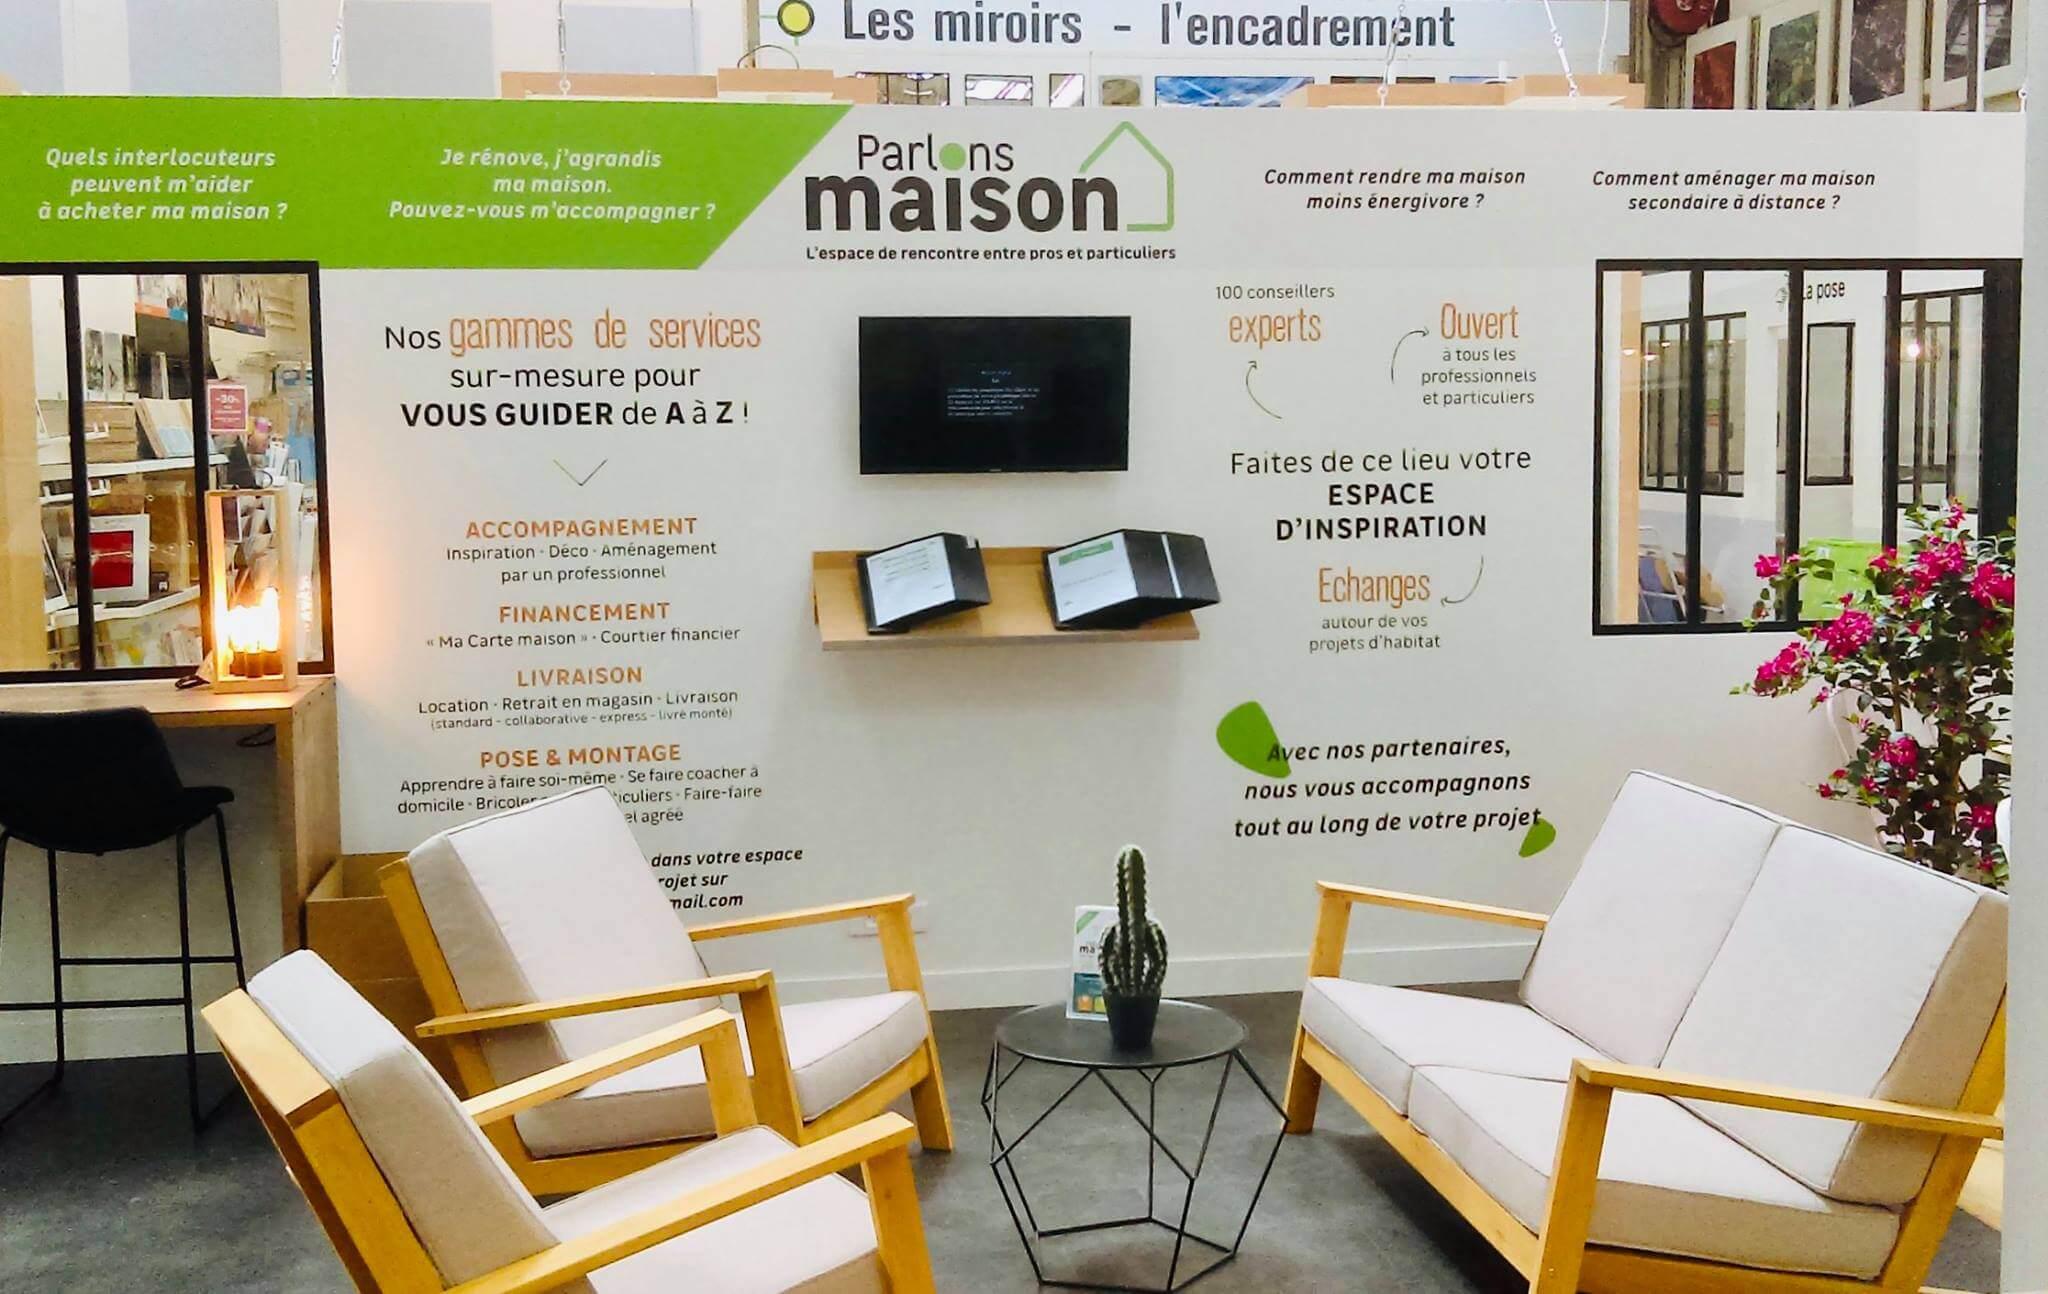 Decoratrice Interieur La Rochelle un nouvel espace chez leroy merlin la rochelle - la petite